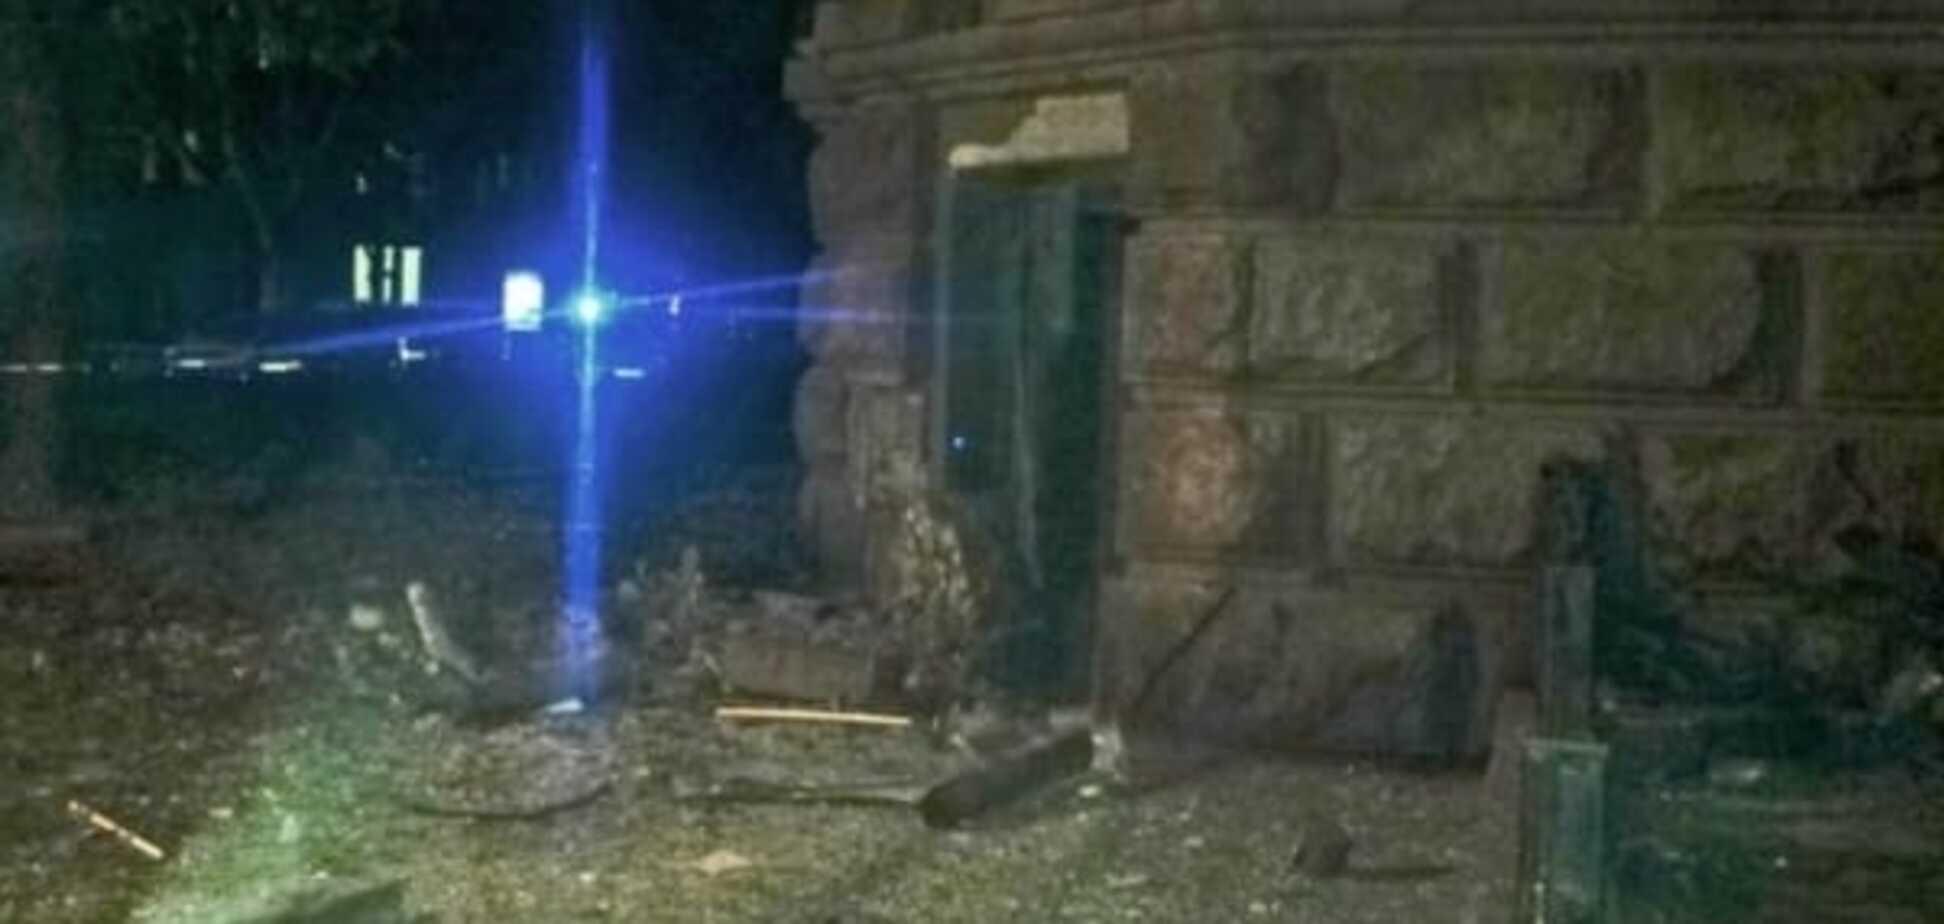 Теракт в Одесі: СБУ підозрює терориста, який воює на Донбасі